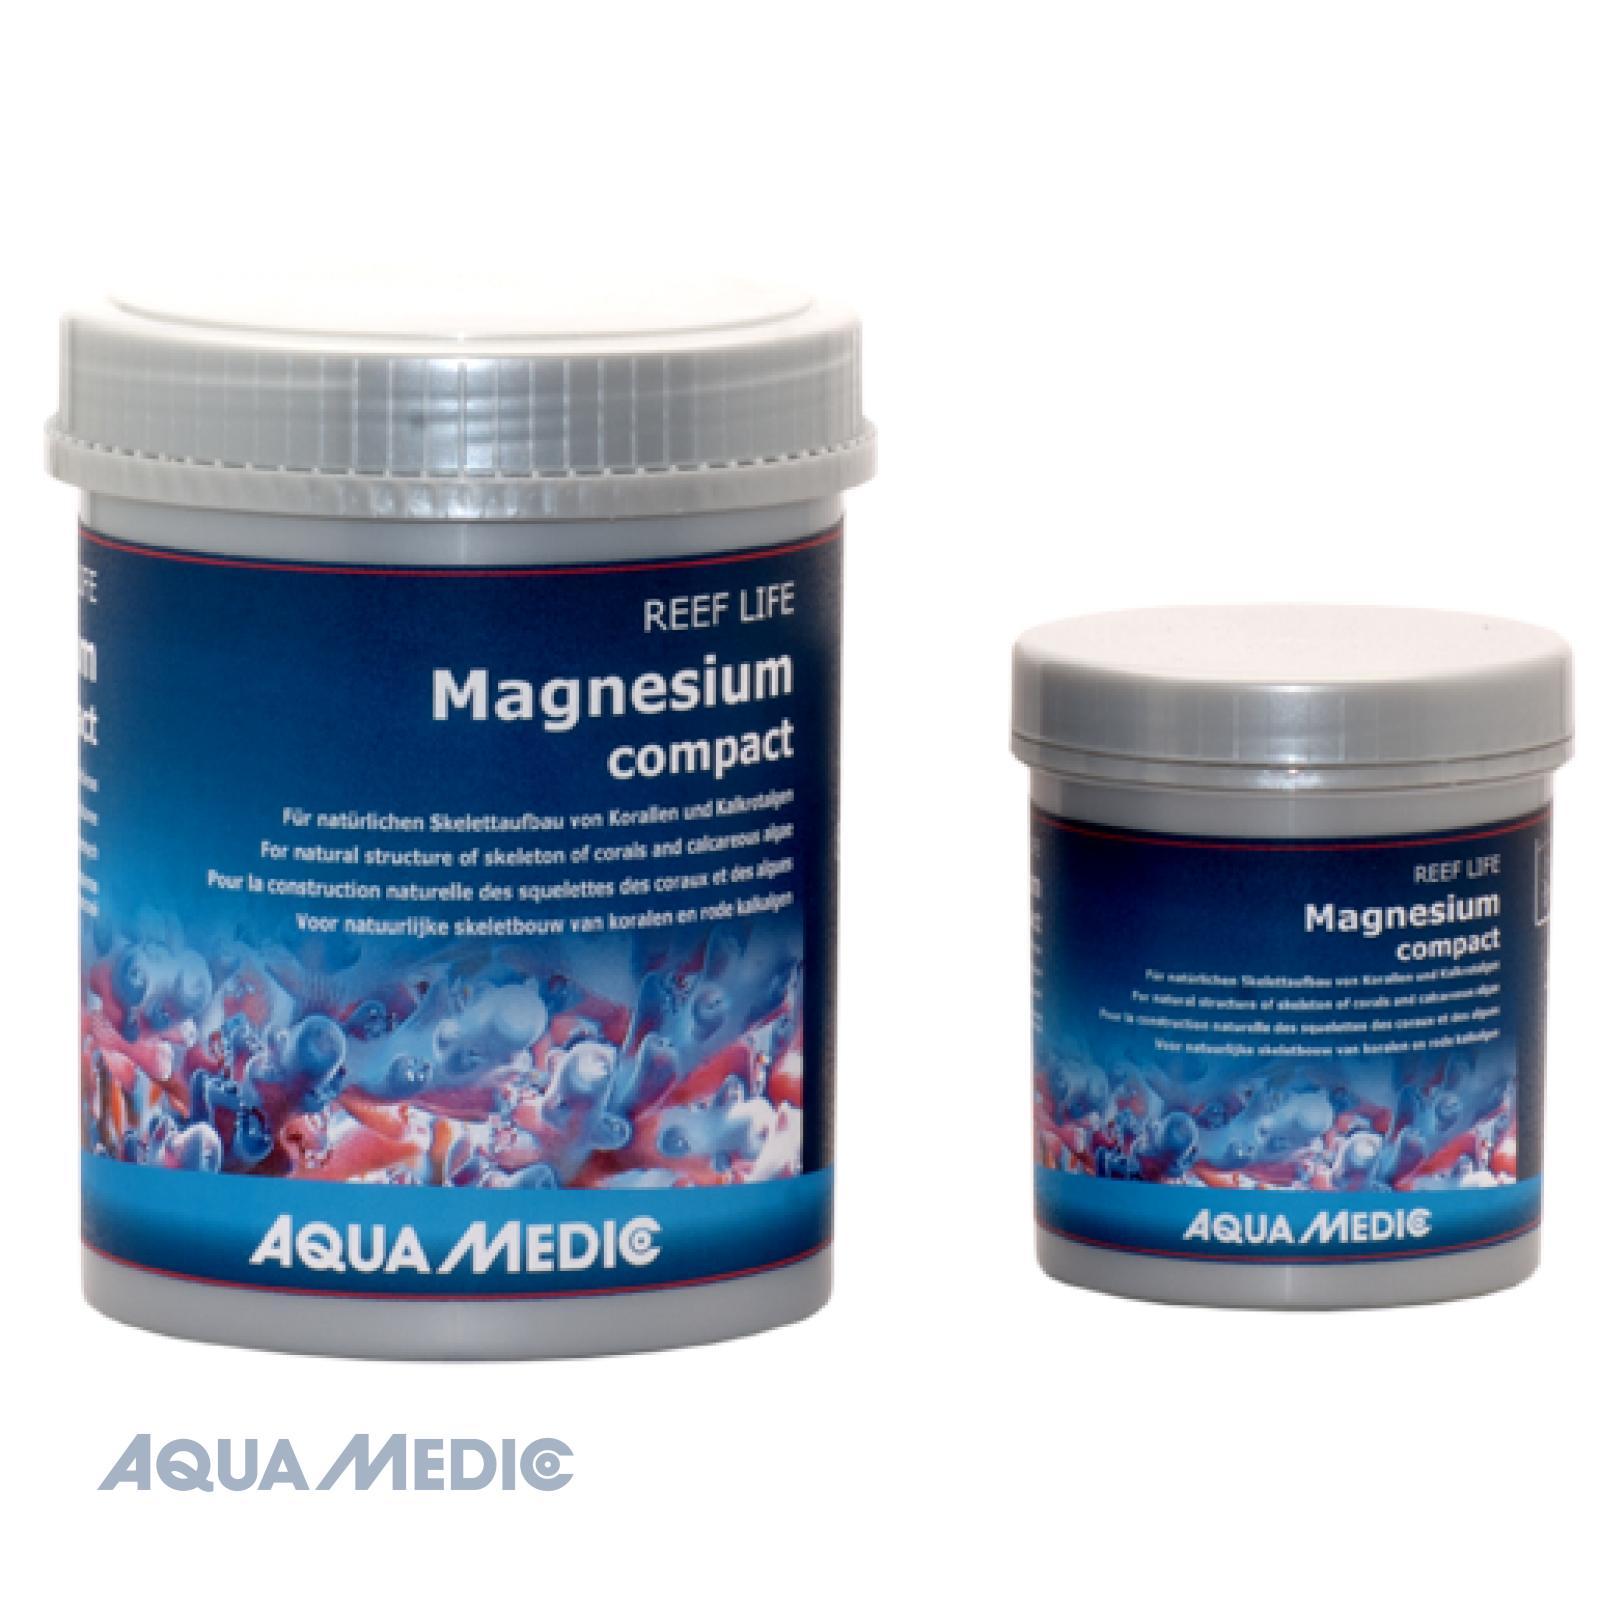 Aquamedic Compact Magnesium 250g